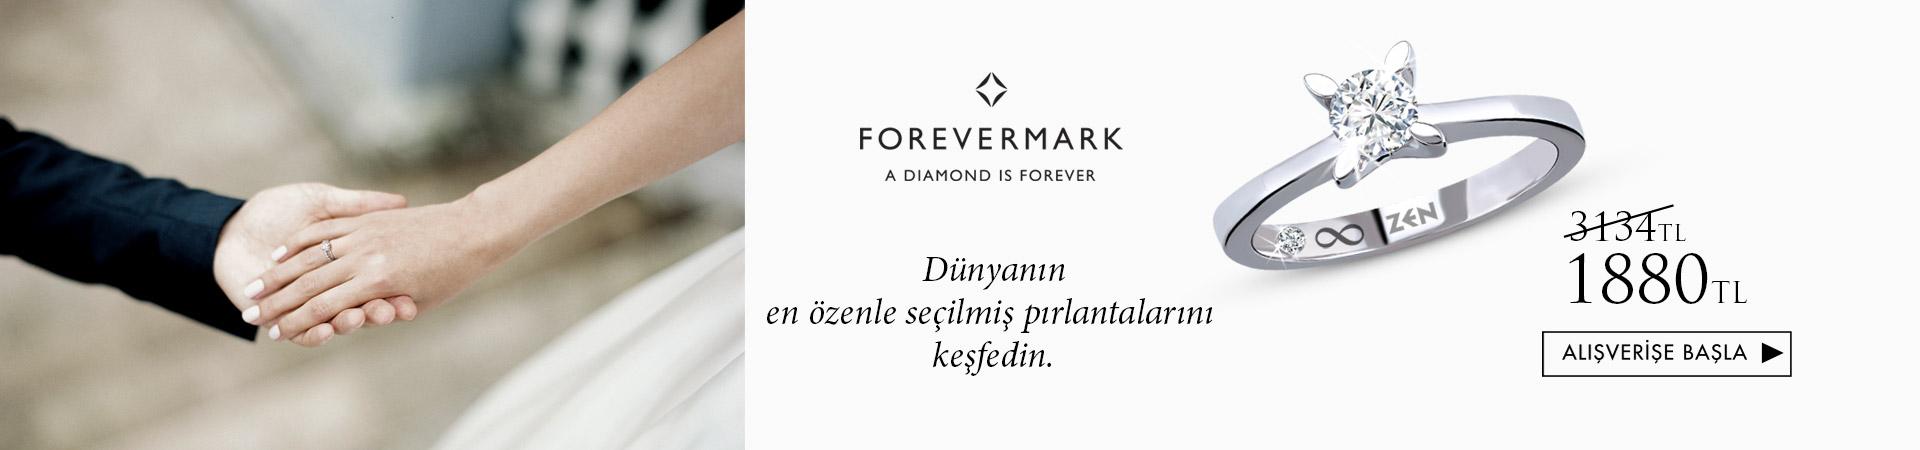 Forevermark 1880 TL den başlayan fiyatlarla